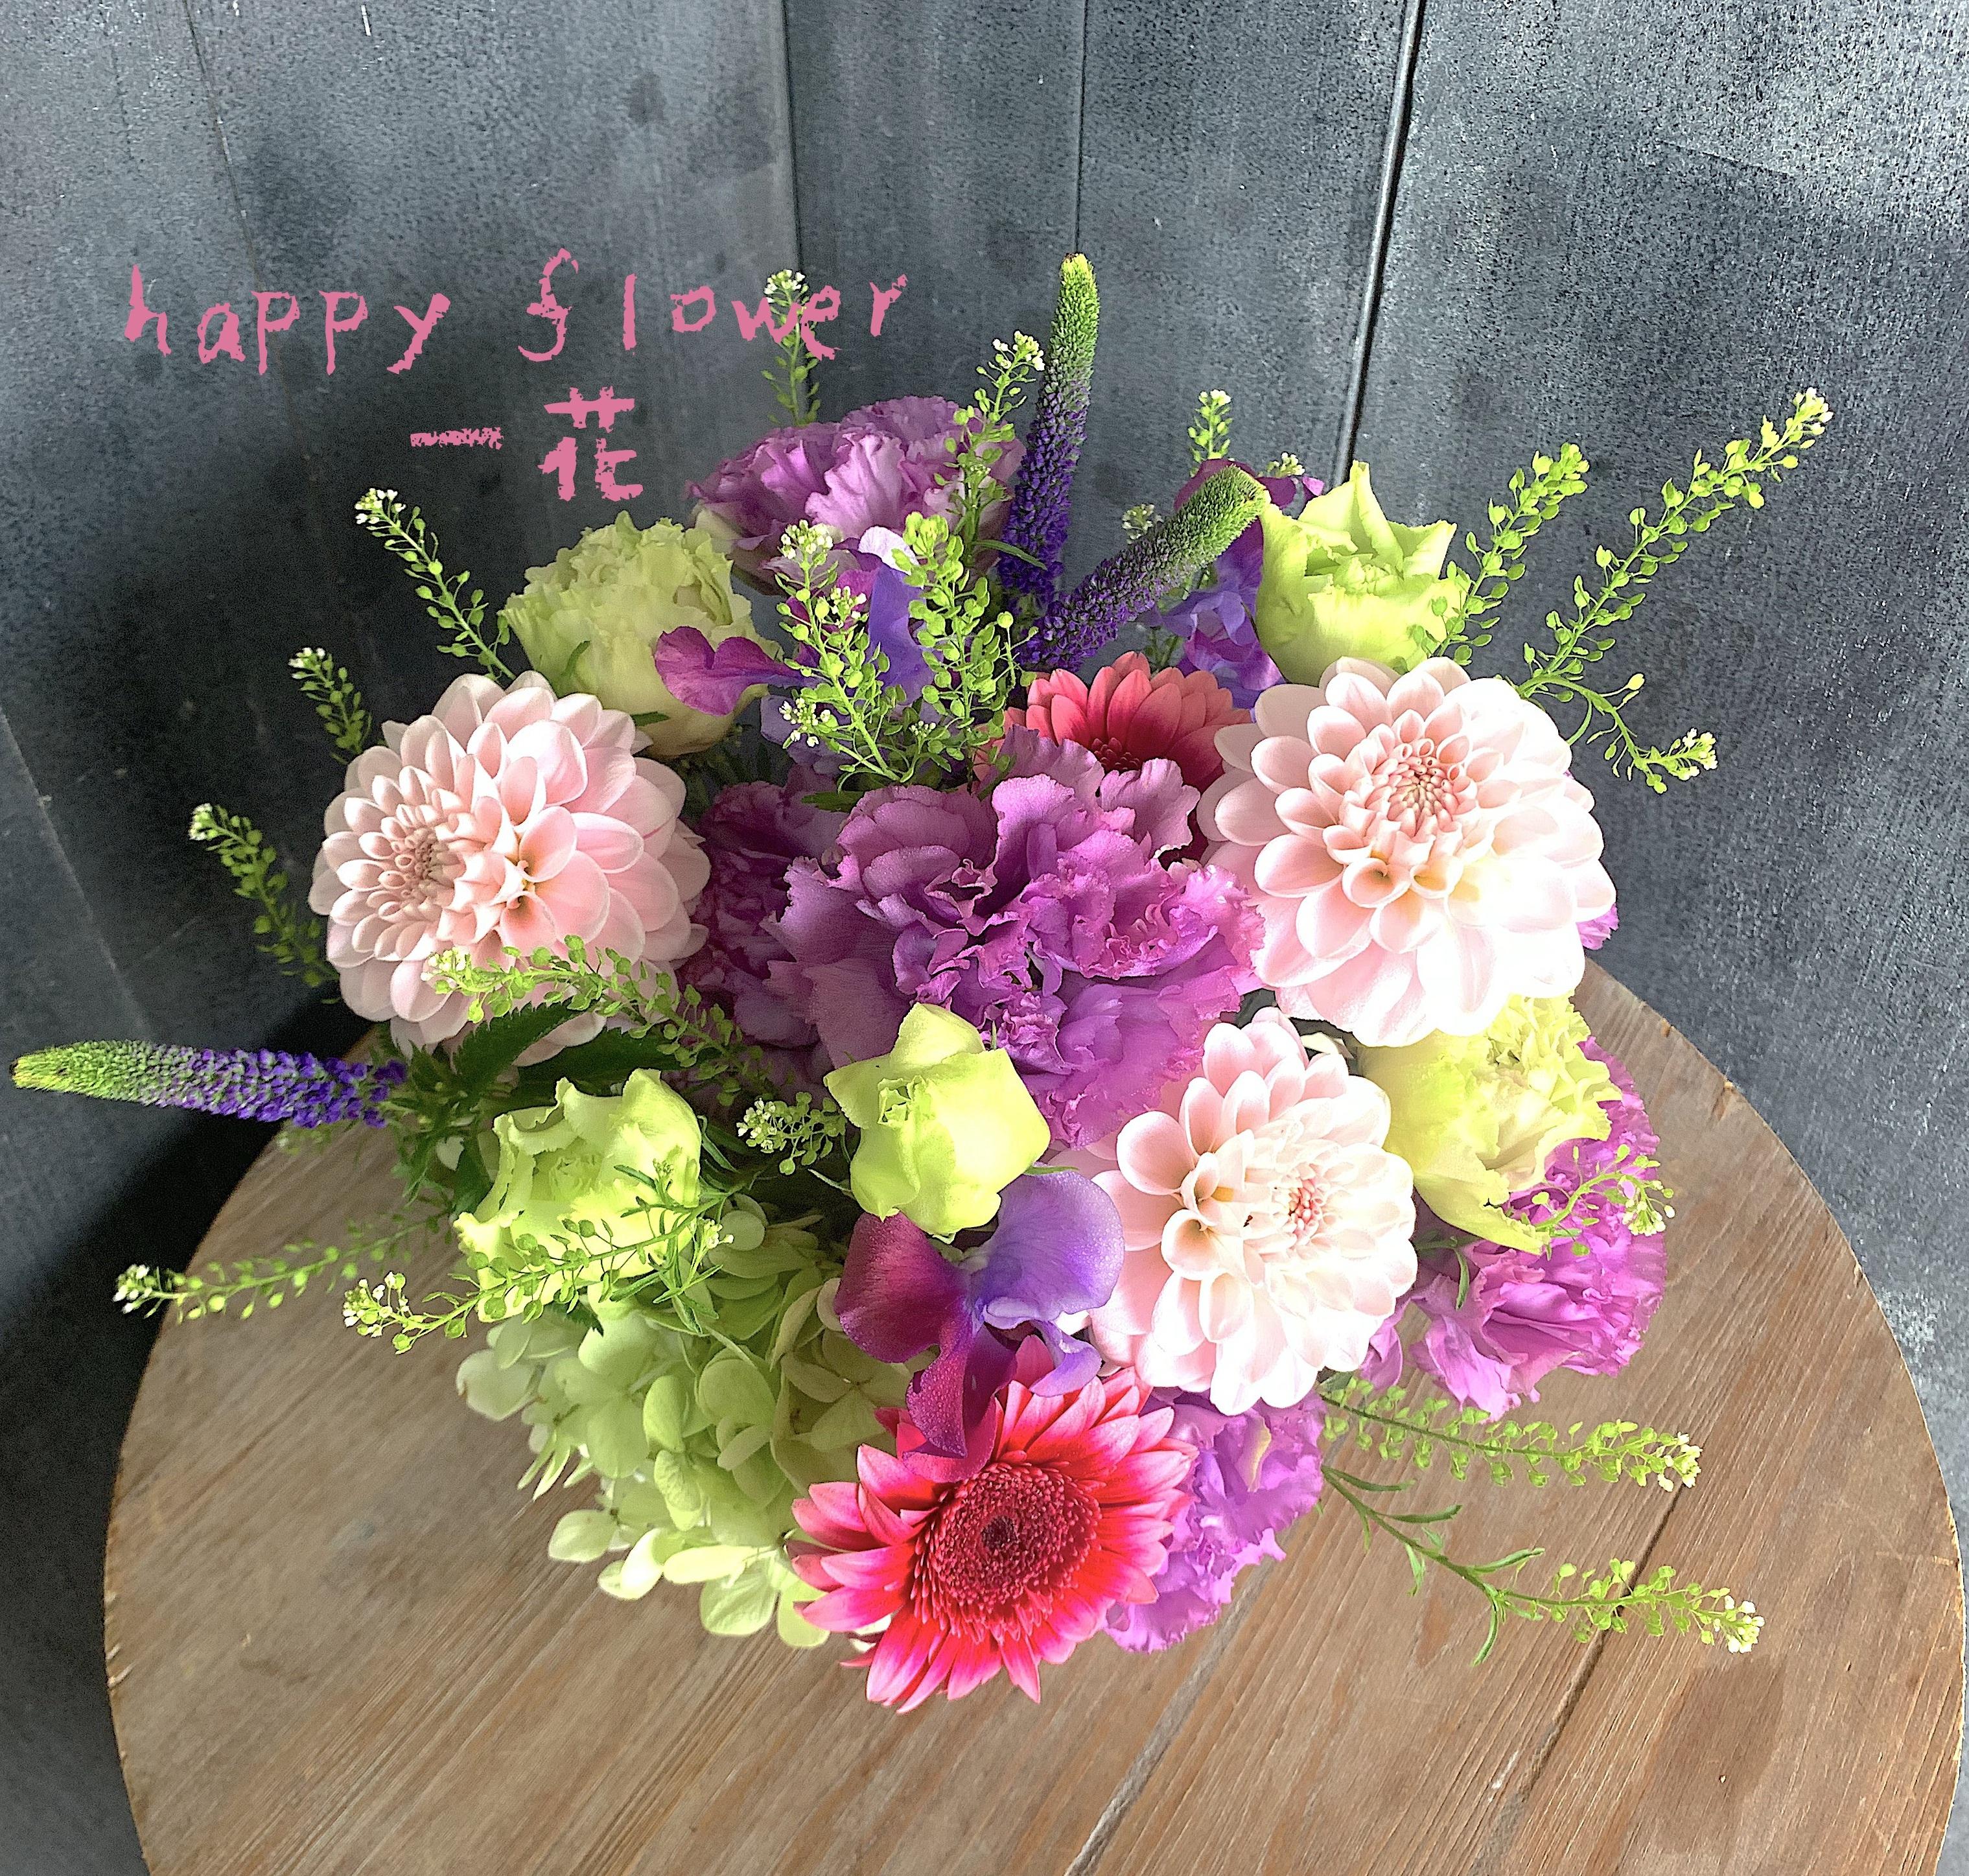 季節のお花 / 春のフラワーギフト